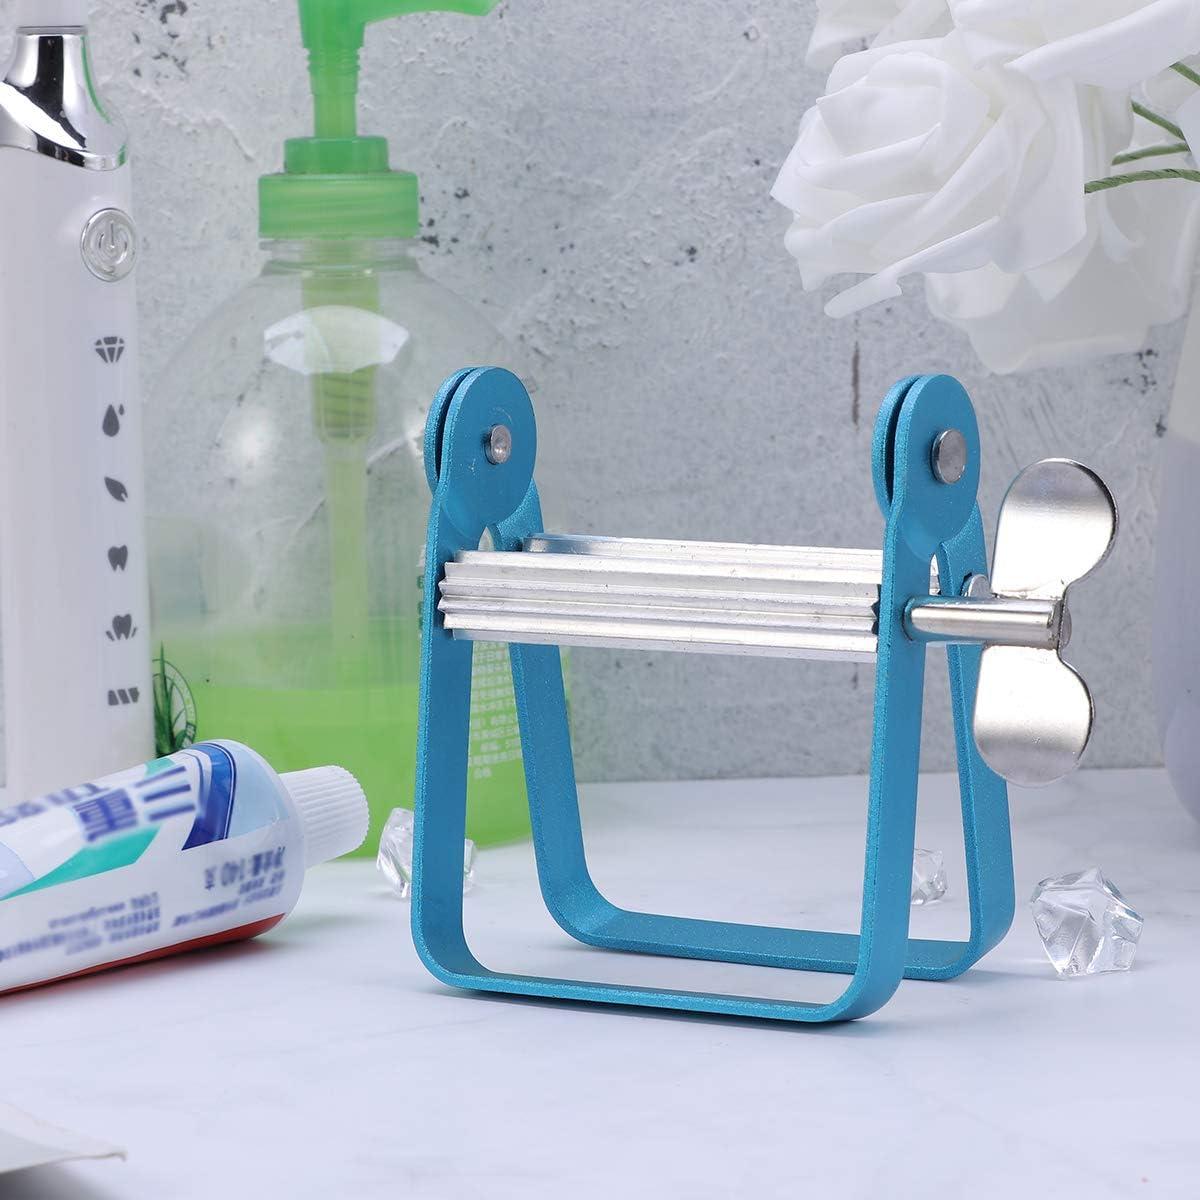 SUPVOX Spremi Dentifricio Manuale Spremi Dentifricio Porta Sedile Supporto Dentifricio Squeezer Home Hotel